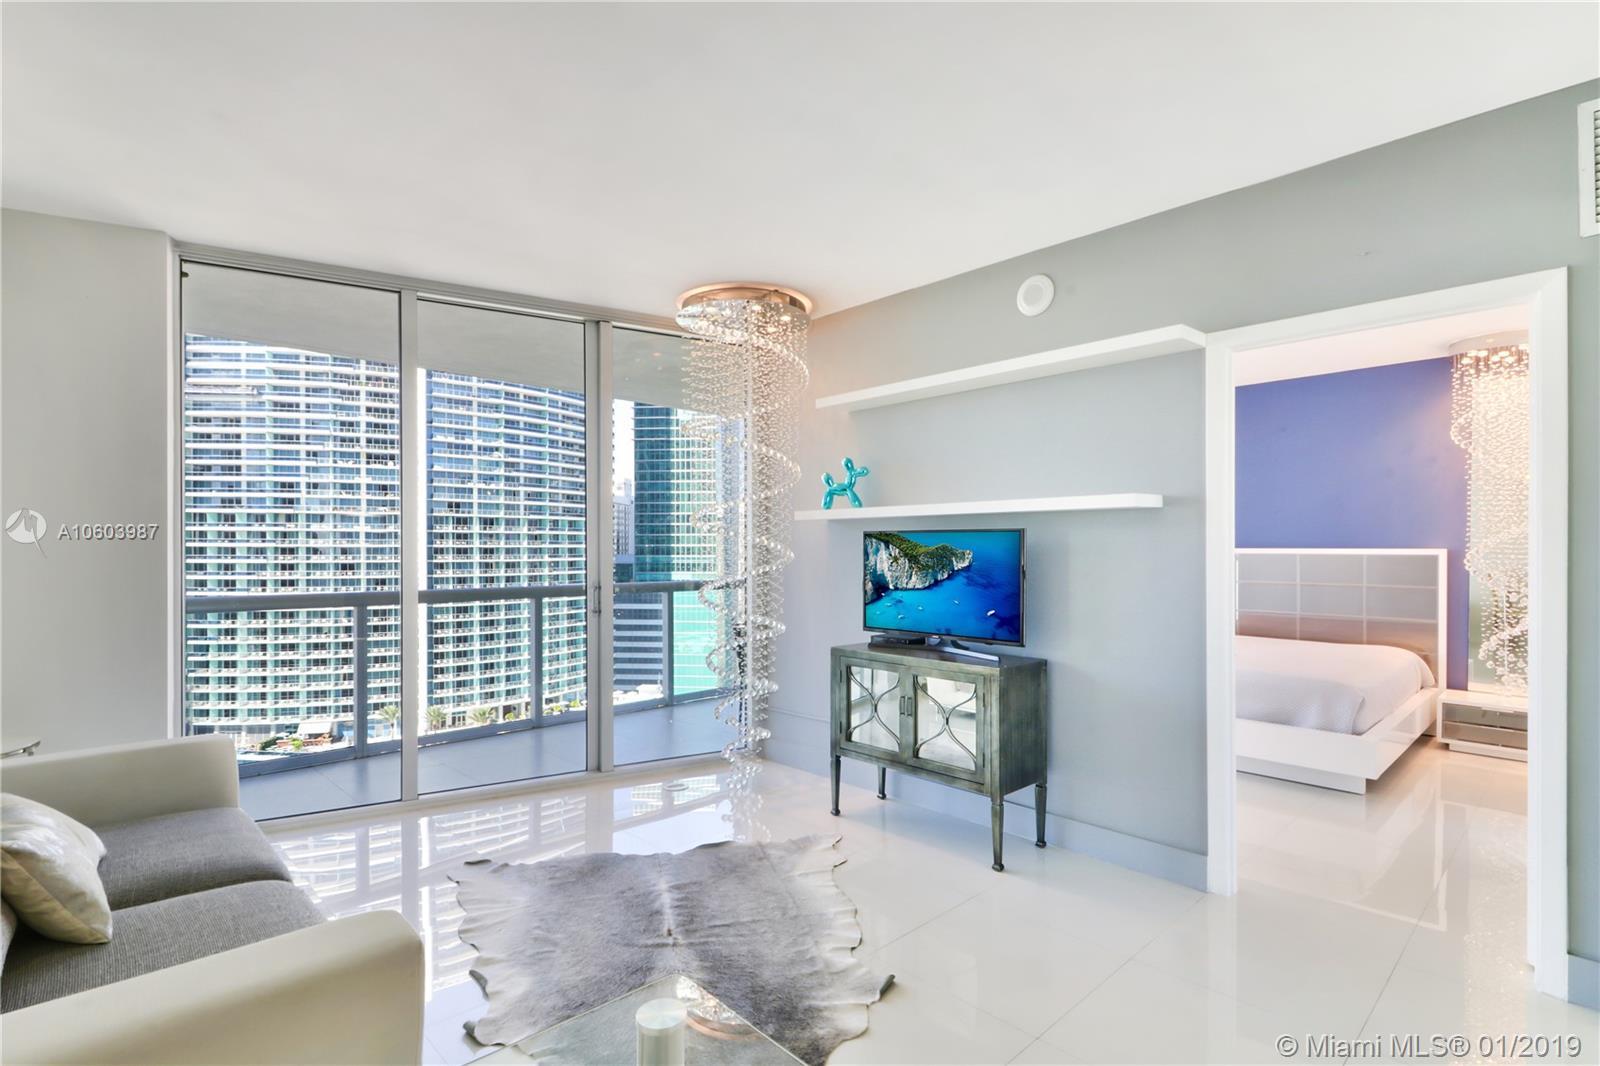 465 Brickell Ave, Miami, FL 33131, Icon Brickell I #2704, Brickell, Miami A10603987 image #14